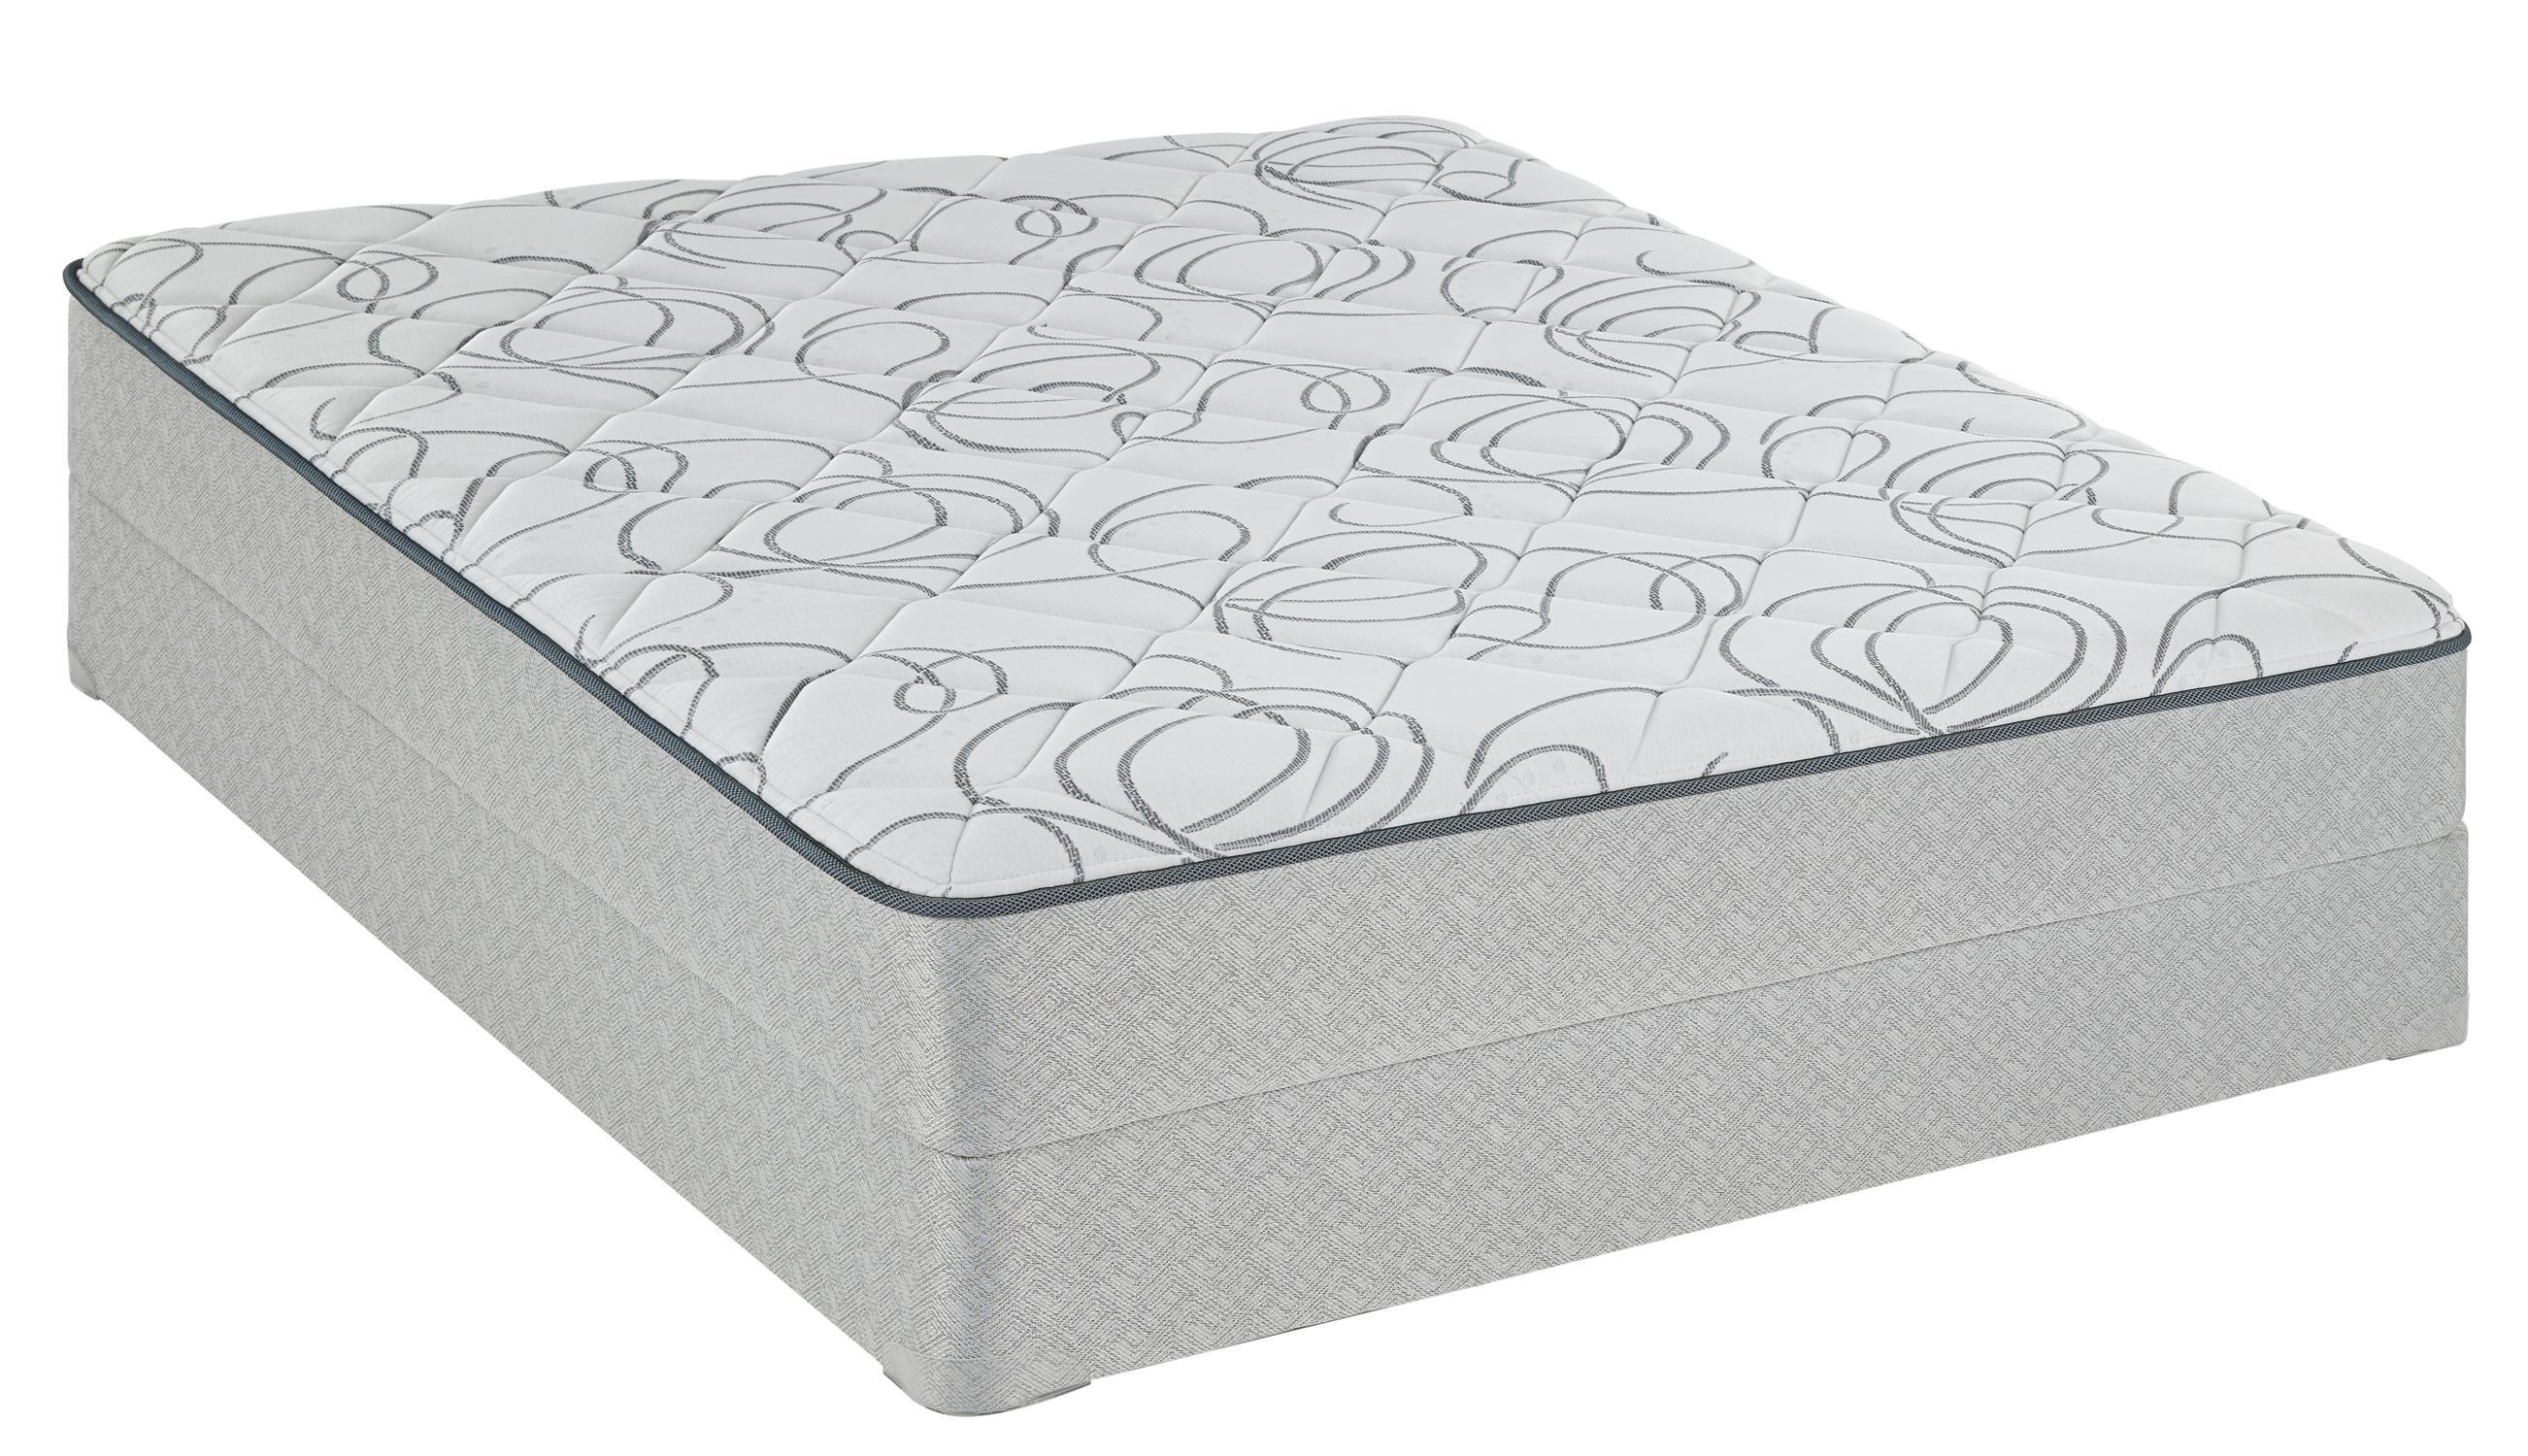 Sealy Ironbridge Queen Plush Mattress Set - Item Number: PlushTT-Q+FoundationQ